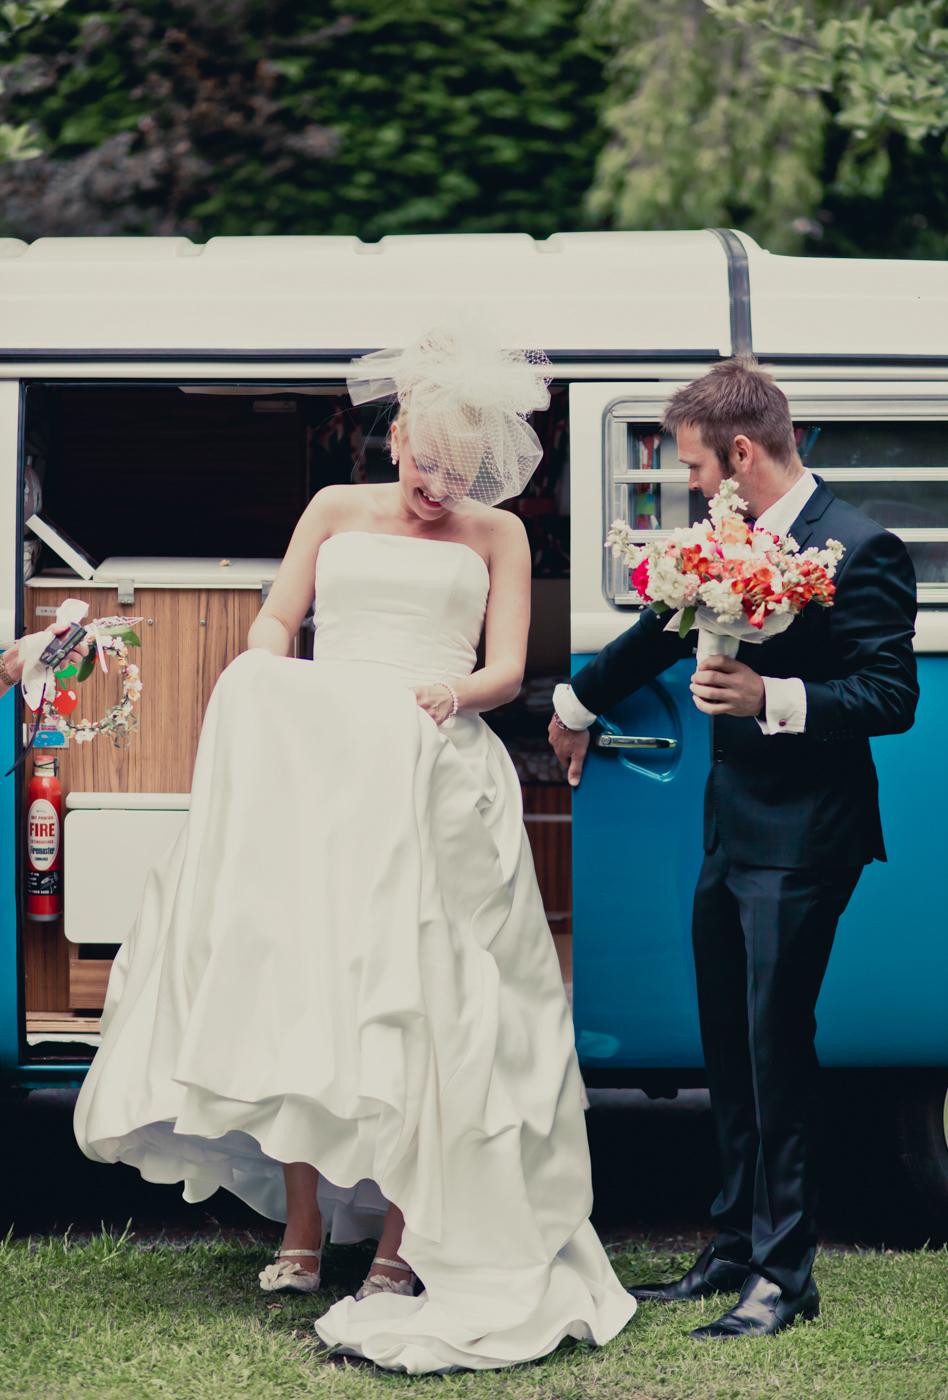 082 Keedy and Carl at The Secret Garden in Retford  - Wedding Photography by Mark Pugh www.markpugh.com_.jpg